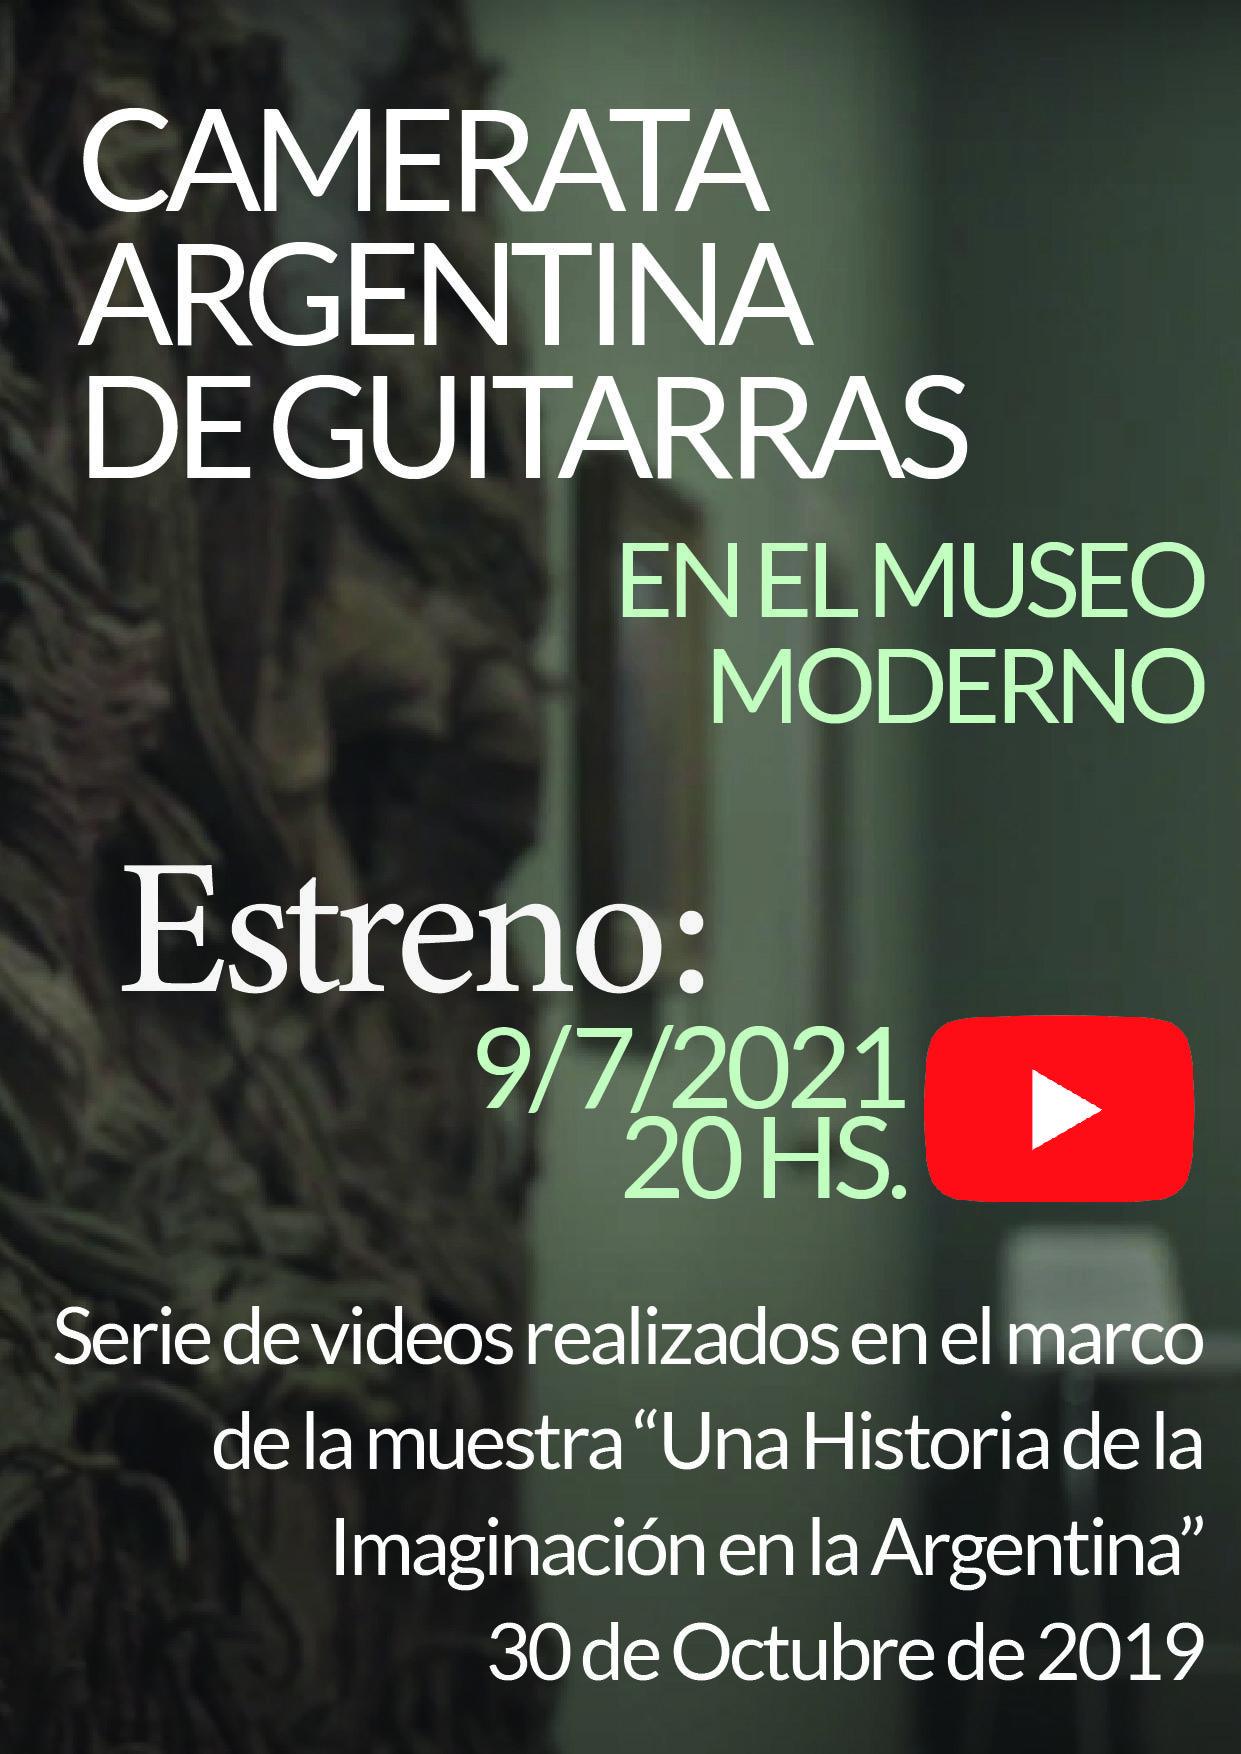 La Camerata Argentina de Guitarras estrena videos de música argentina realizados en el Museo de Arte Moderno de Buenos Aires